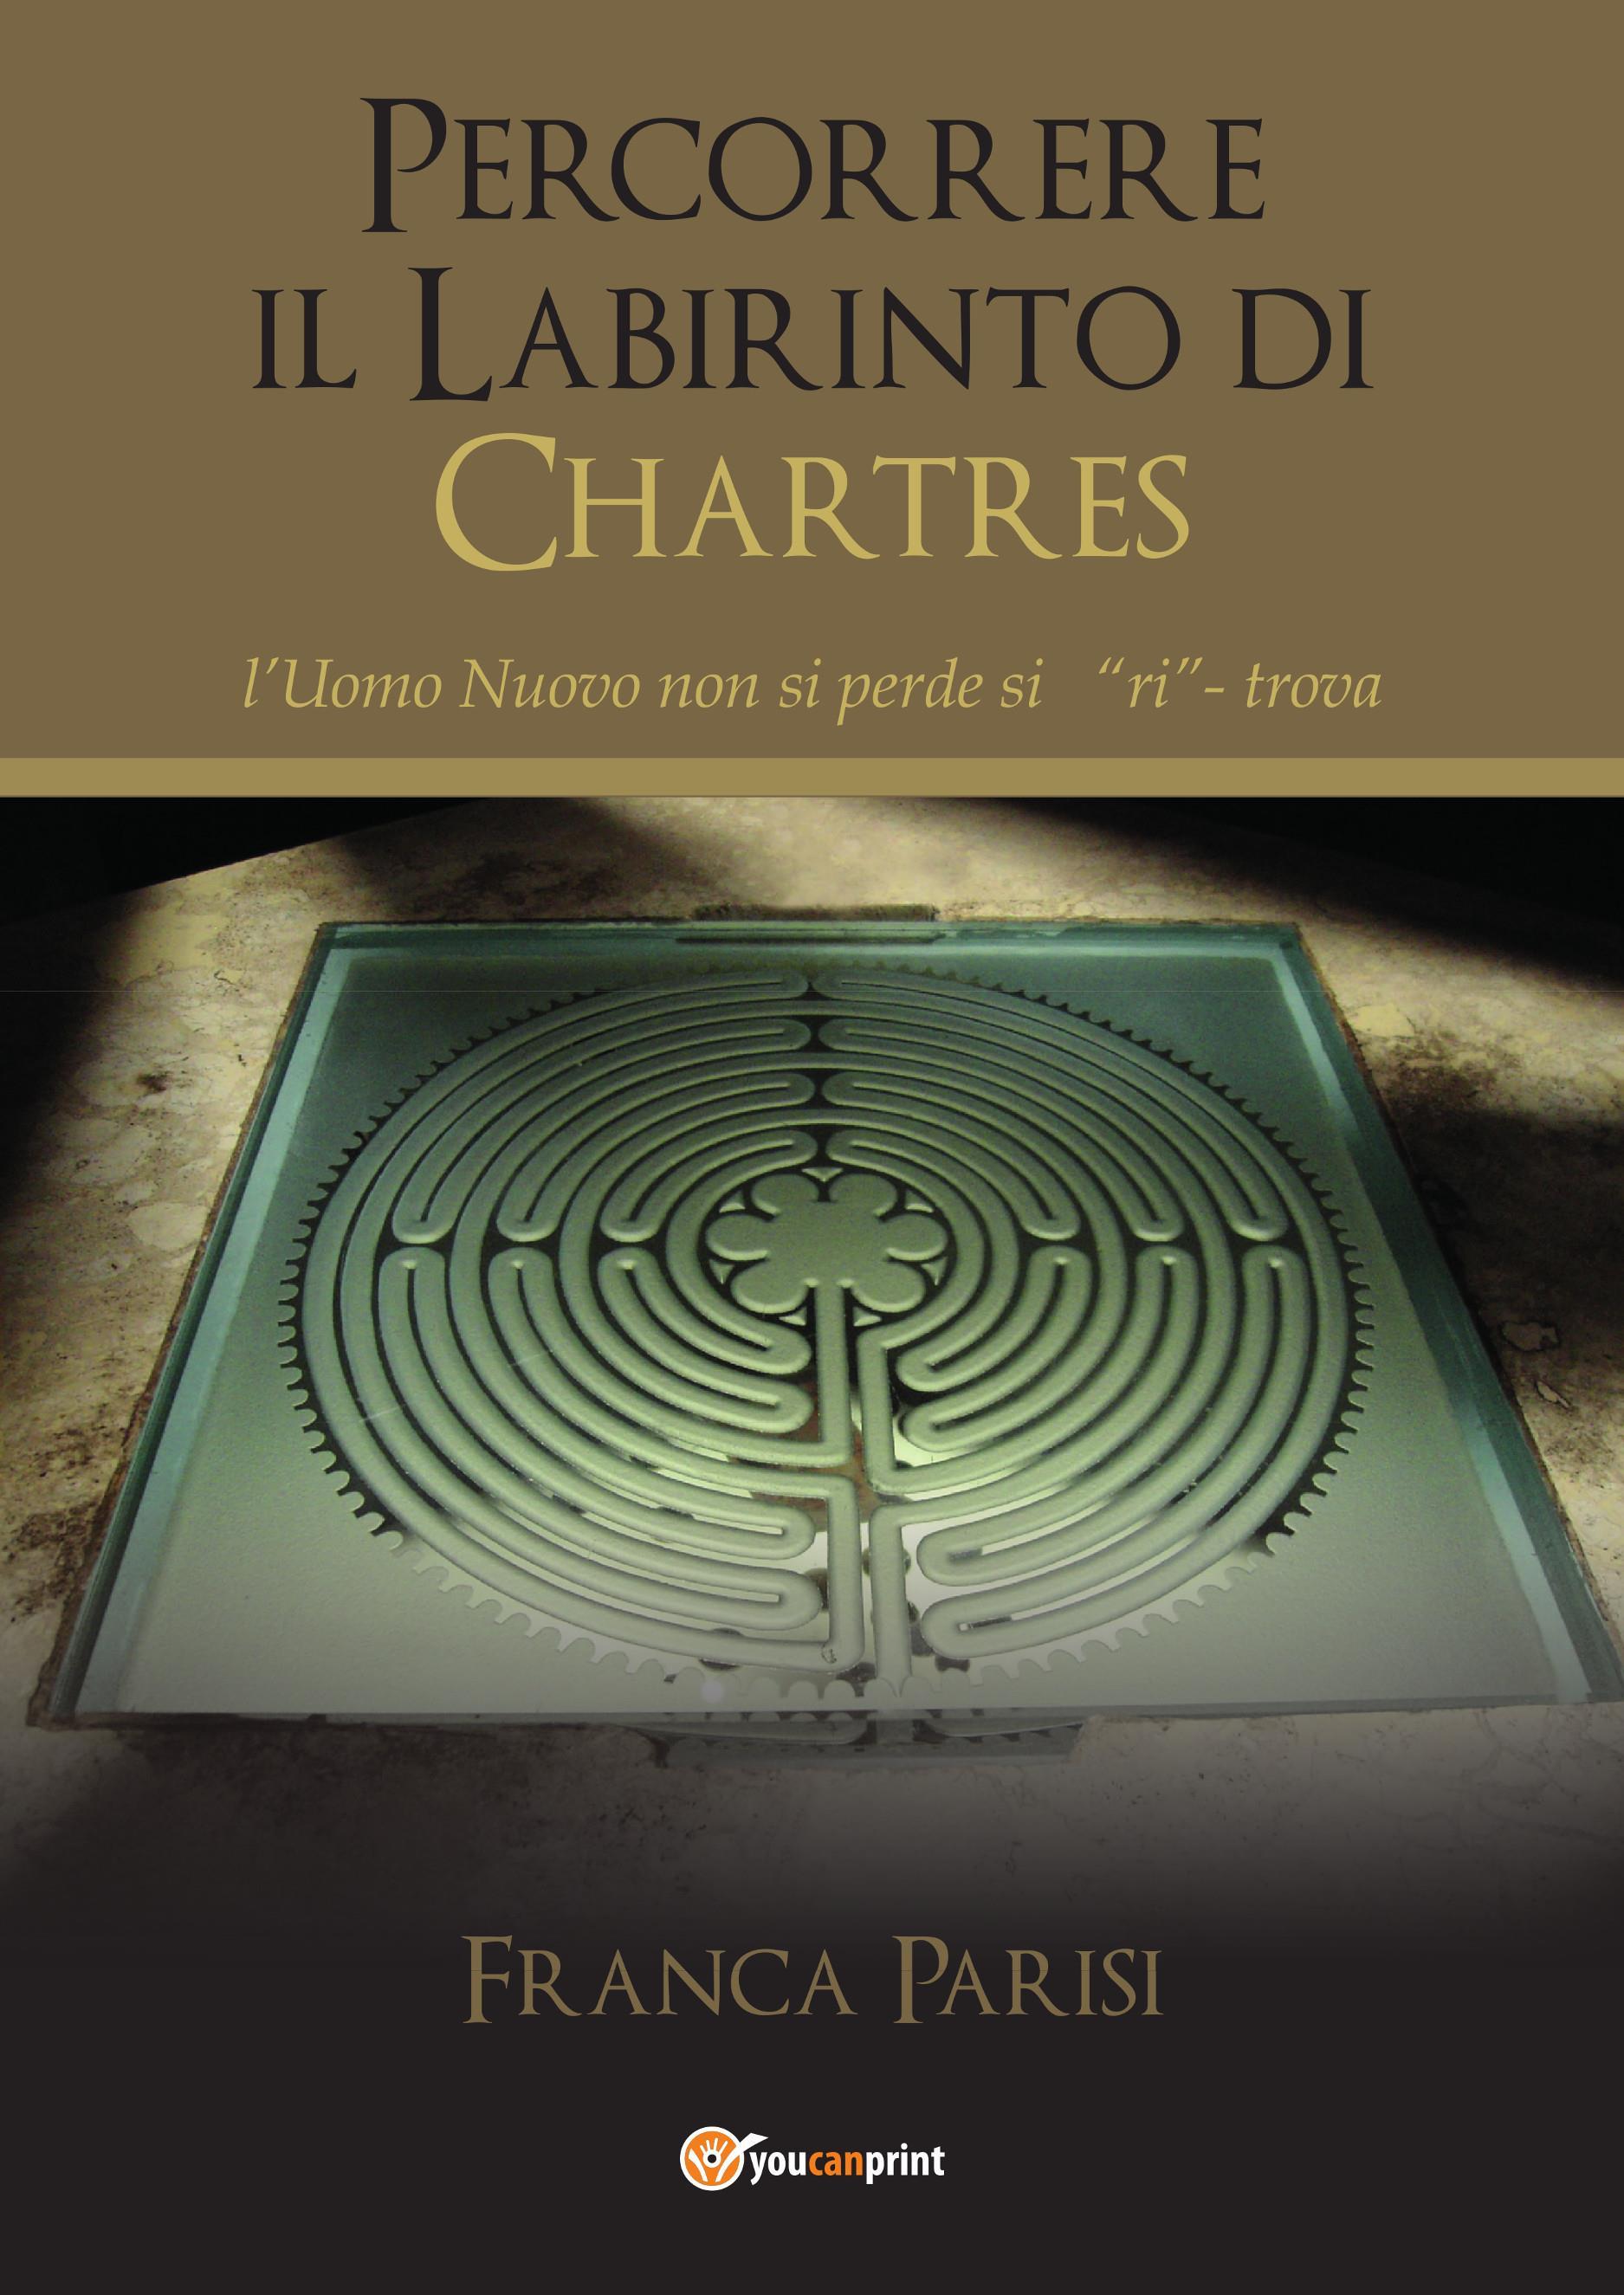 Percorrere il Labirinto di Chartres